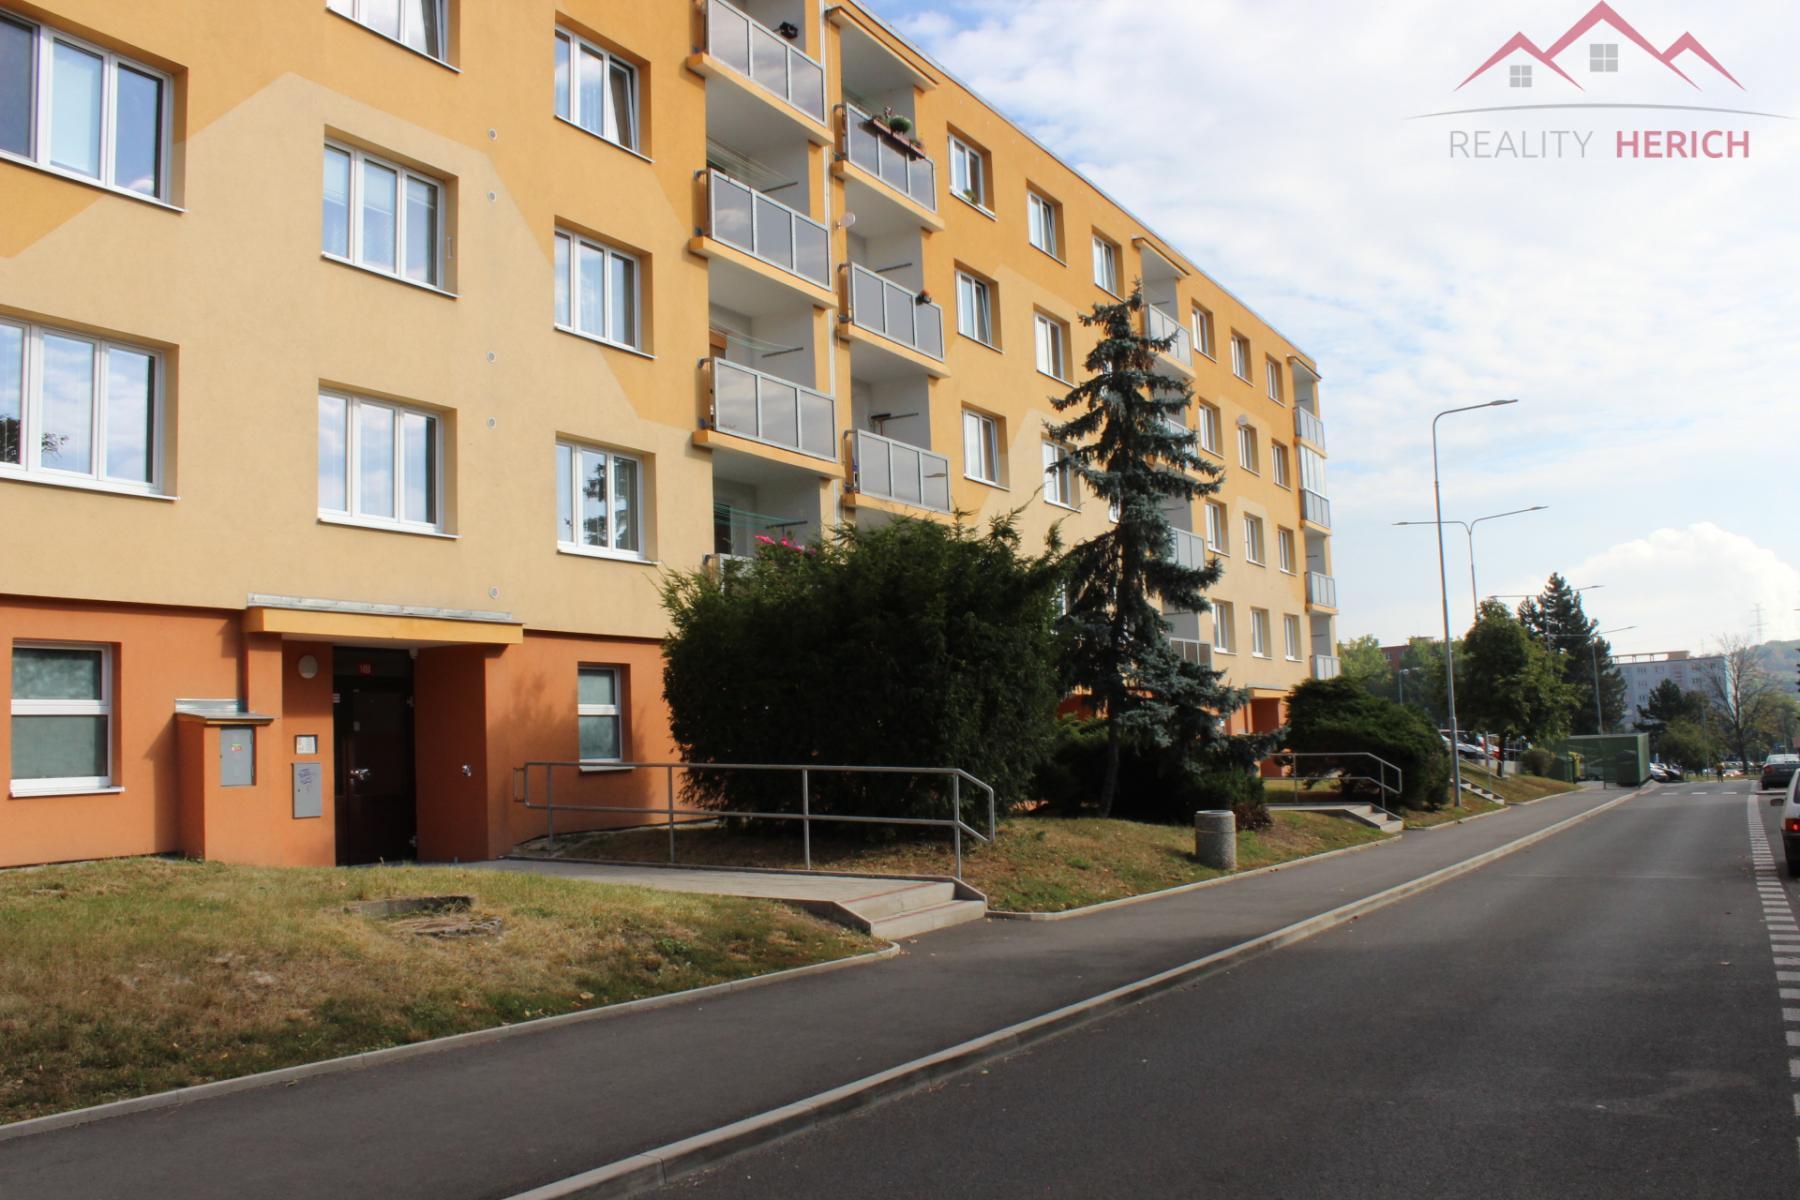 Pronájem bytu 2+1, 61m2, rekonstrukce, Na Podlesí, Kadaň